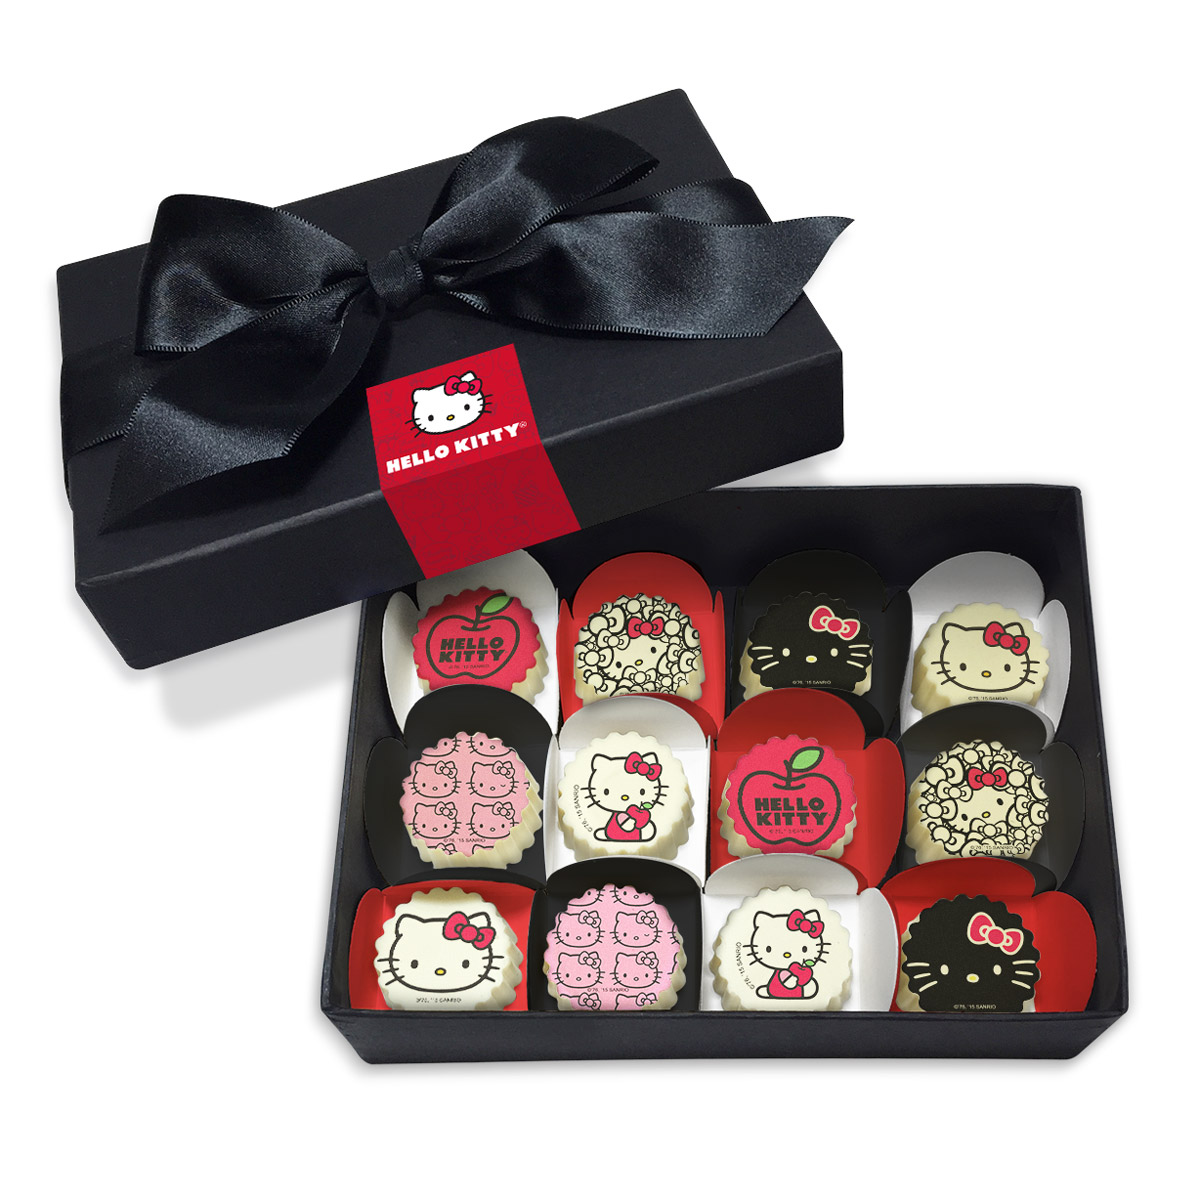 Caixa de Bombons Gourmet Hello Kitty Ribbons